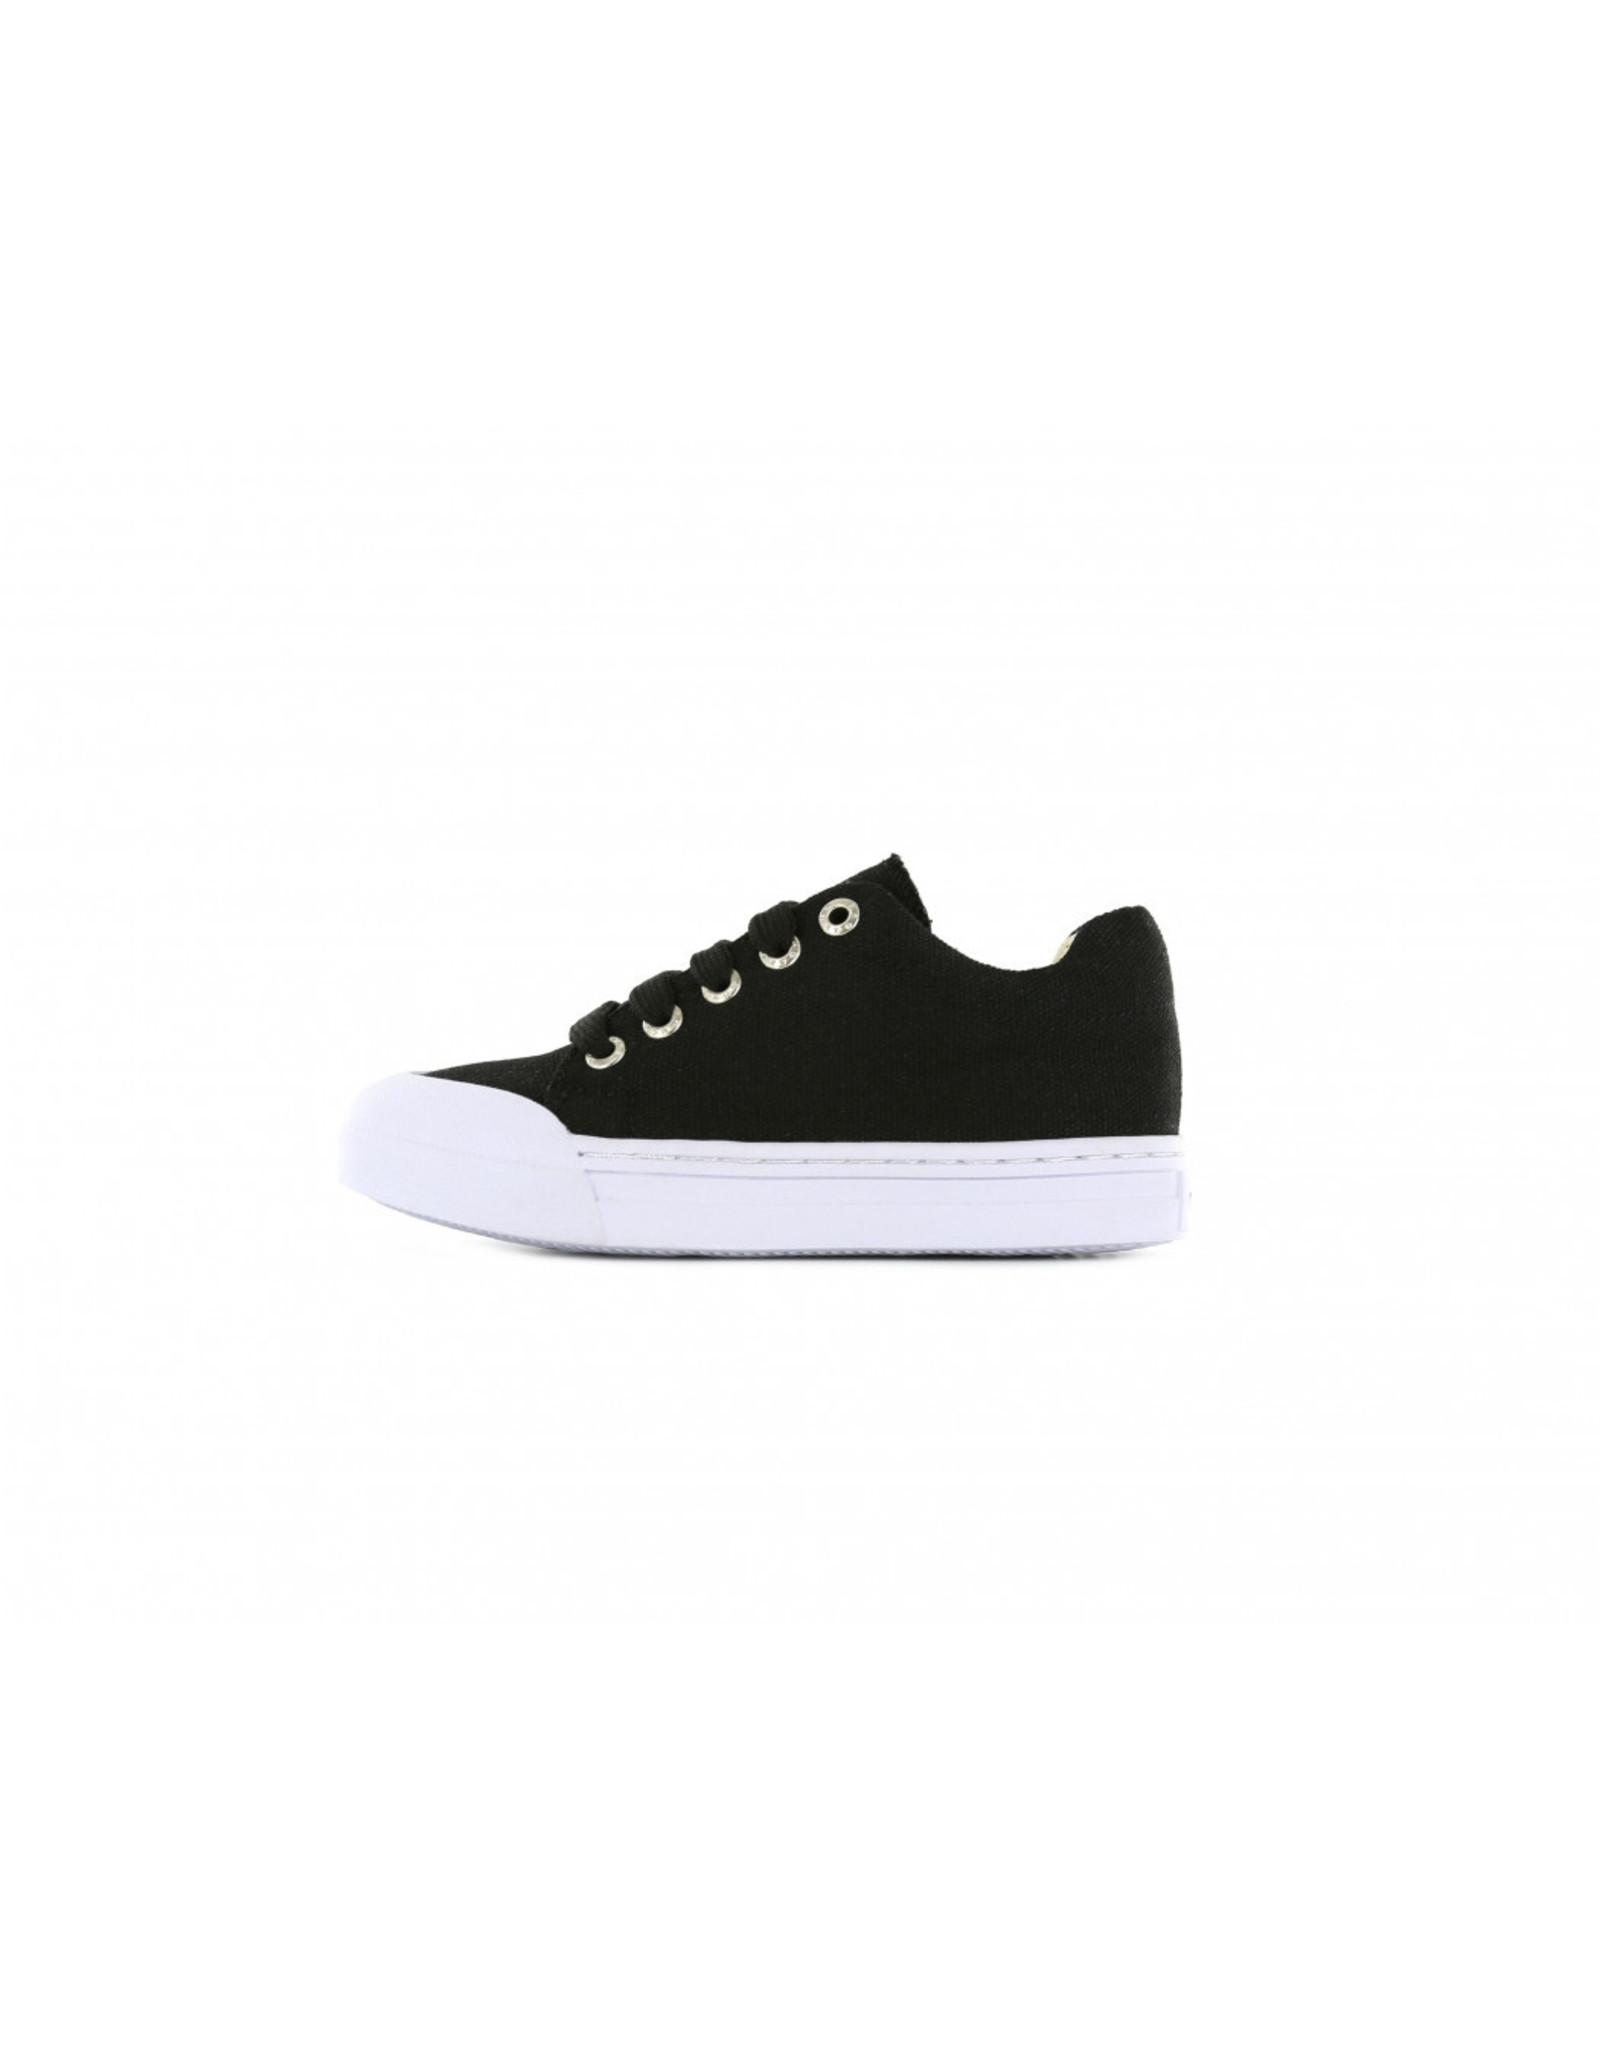 GO BANANA'S GO BANANA'S Lage Sneaker Black